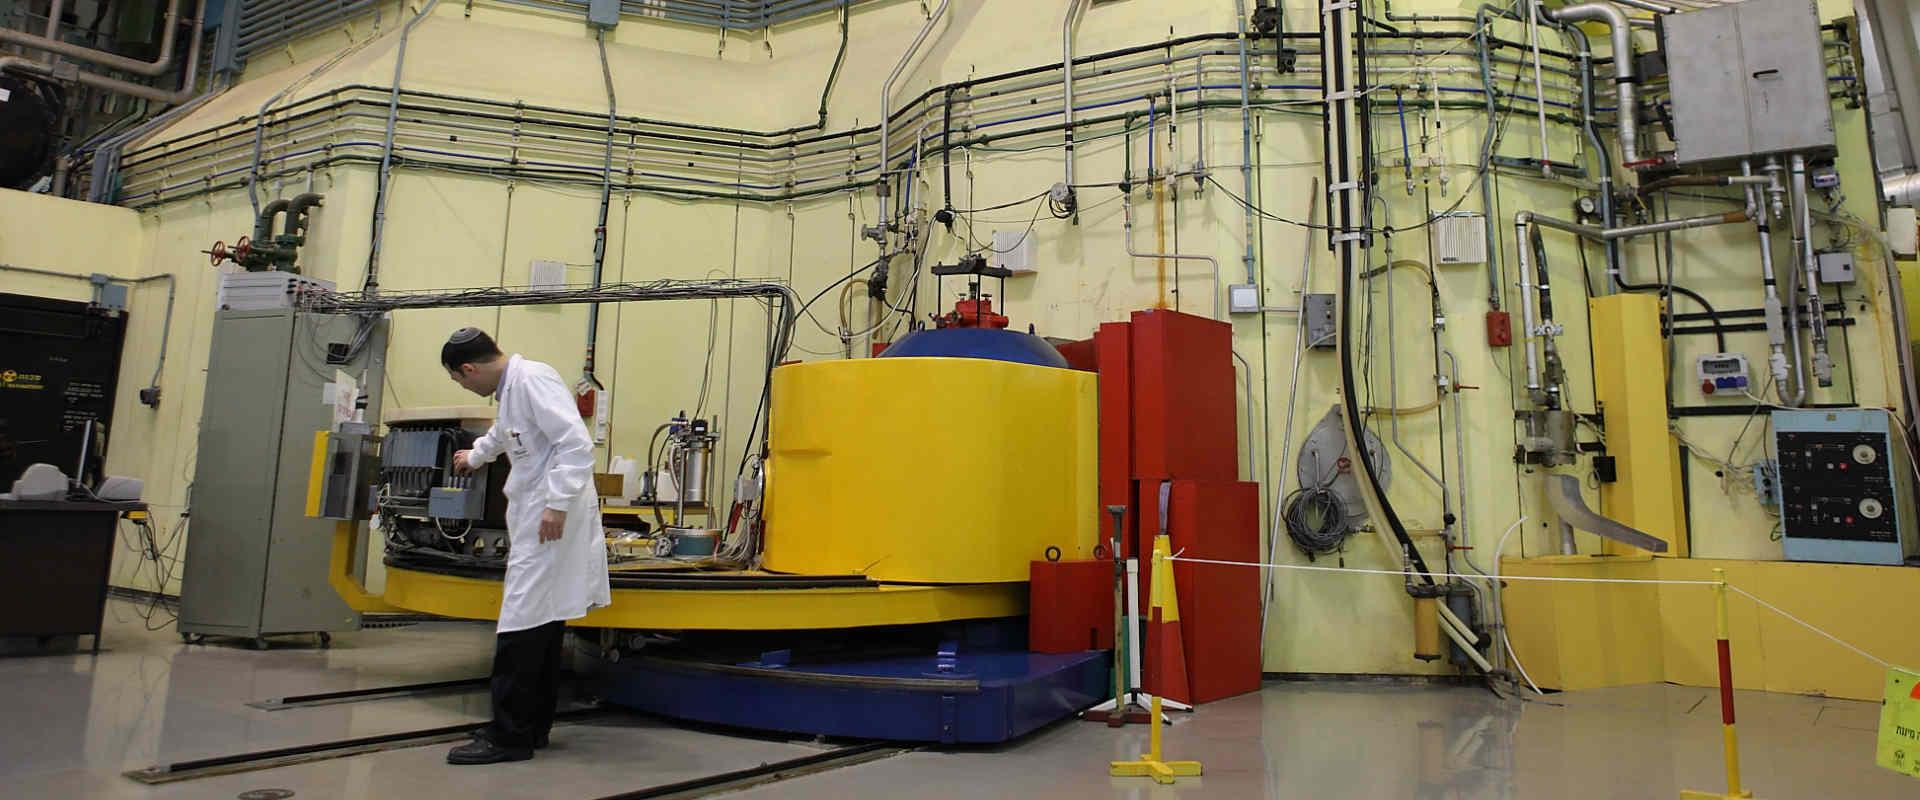 המרכז למחקר גרעיני בשורק